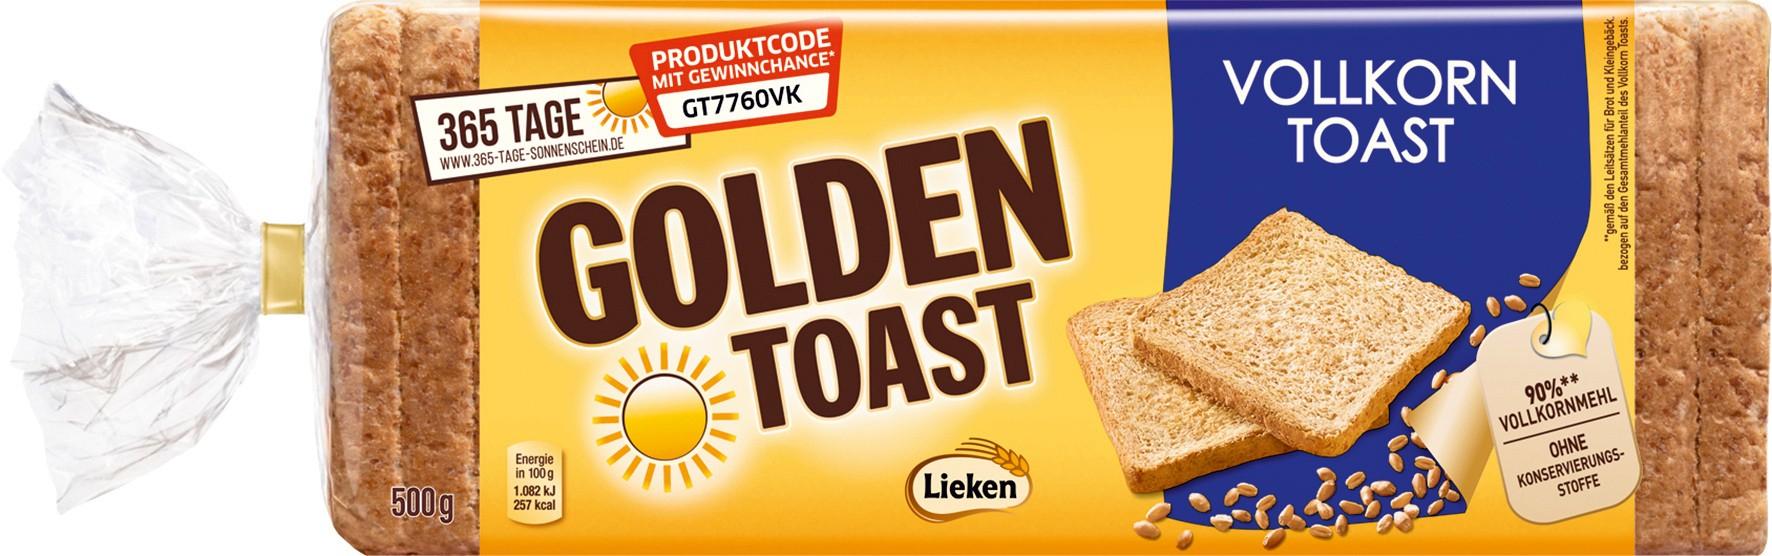 [Globus Wiesental] Golden Toast, verschiedene Sorten, 500g, für 47 Cent